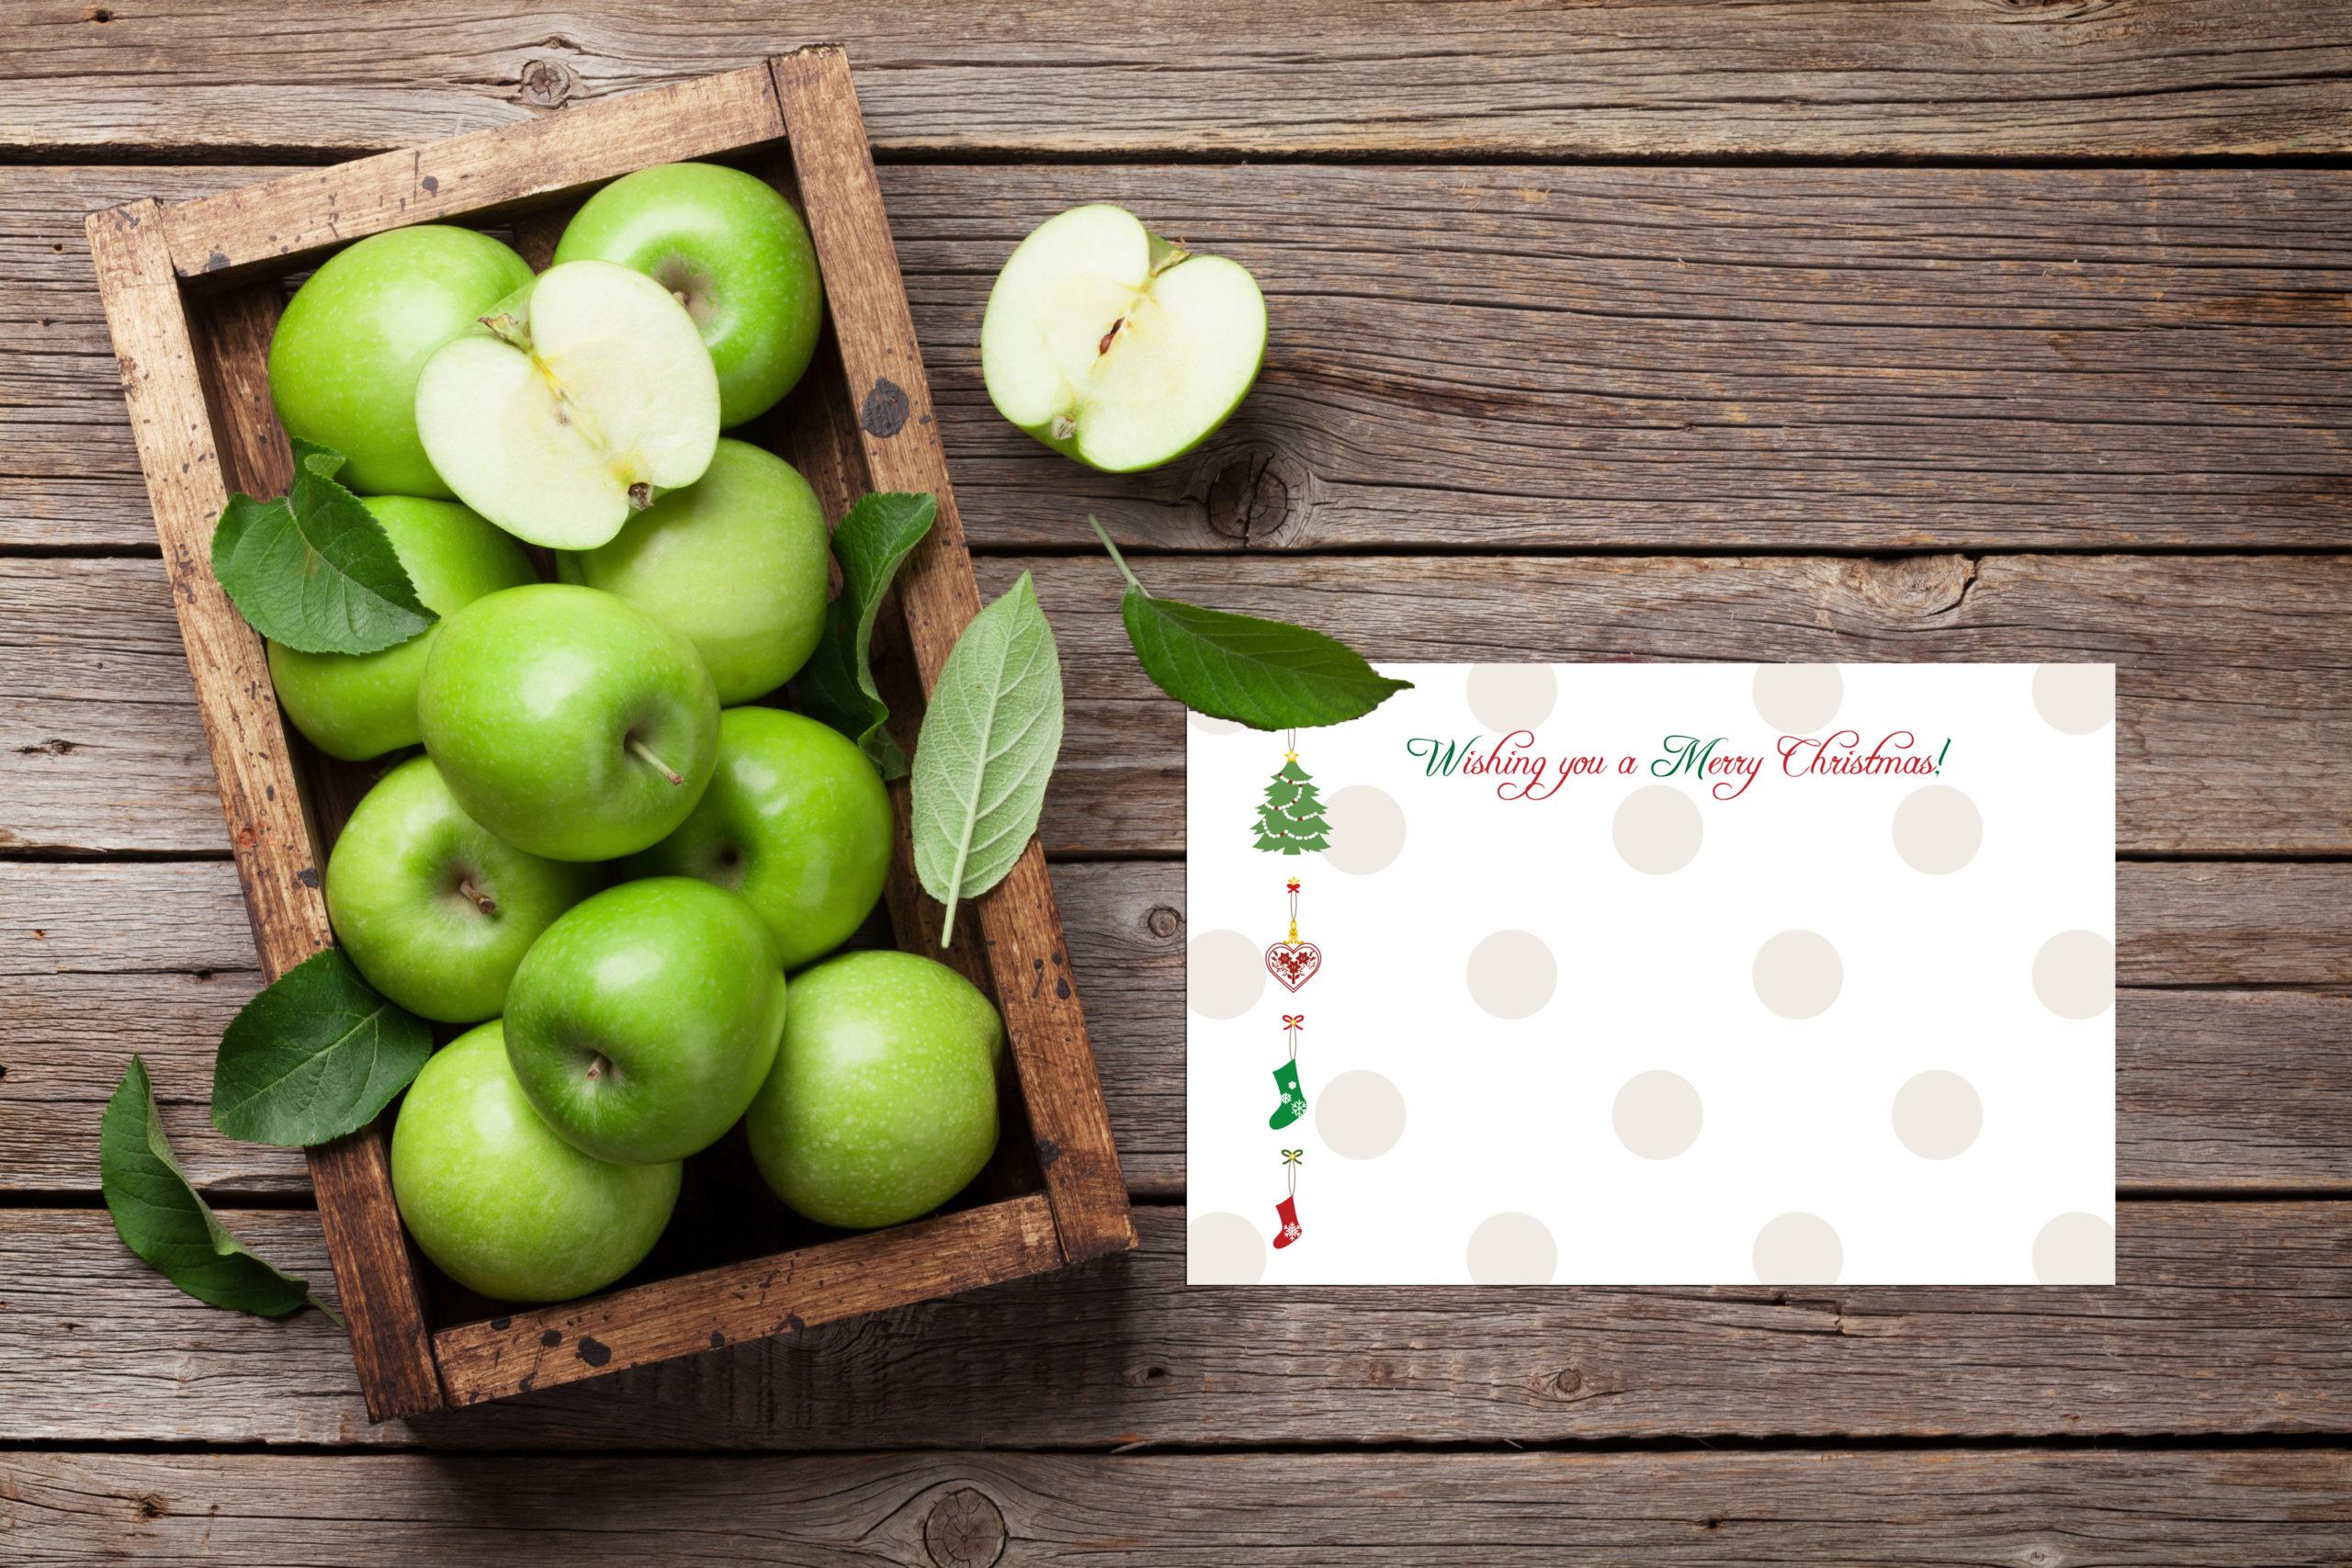 ホワイトクリスマスのカード無料テンプレート